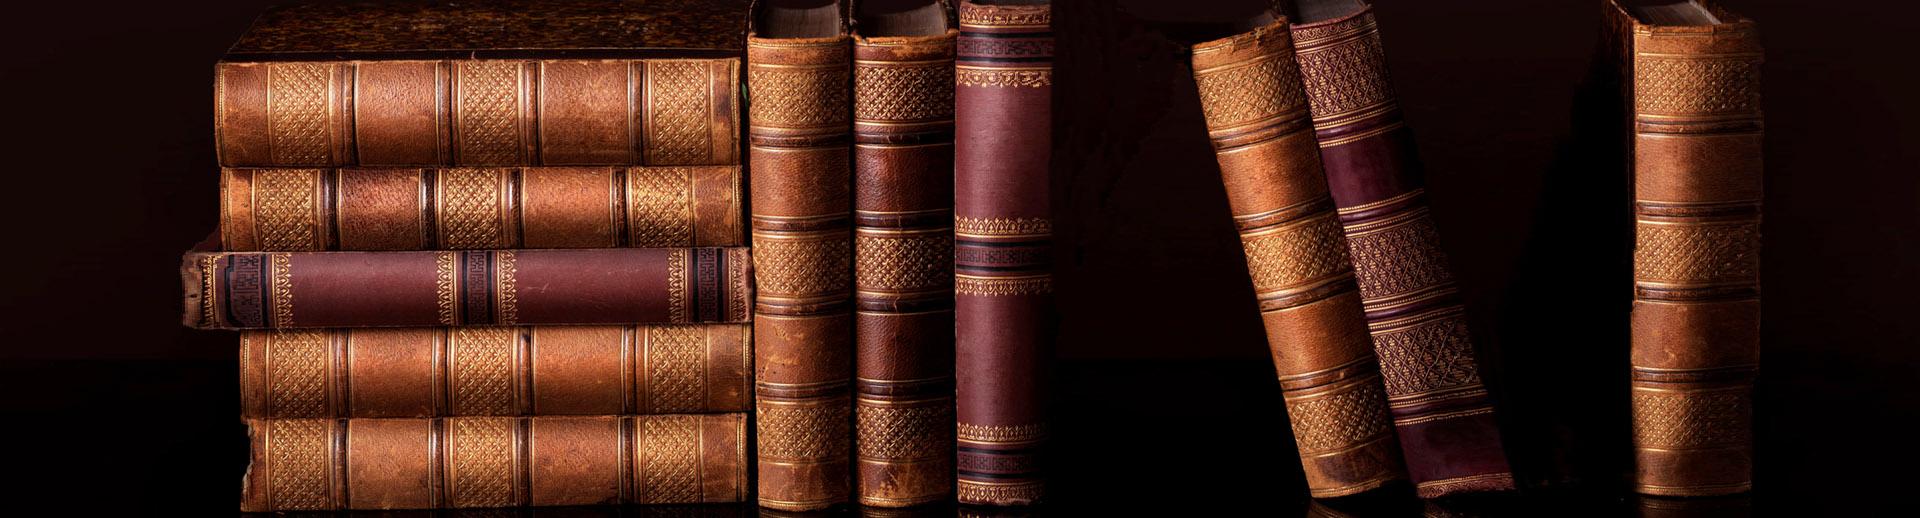 libro6-002